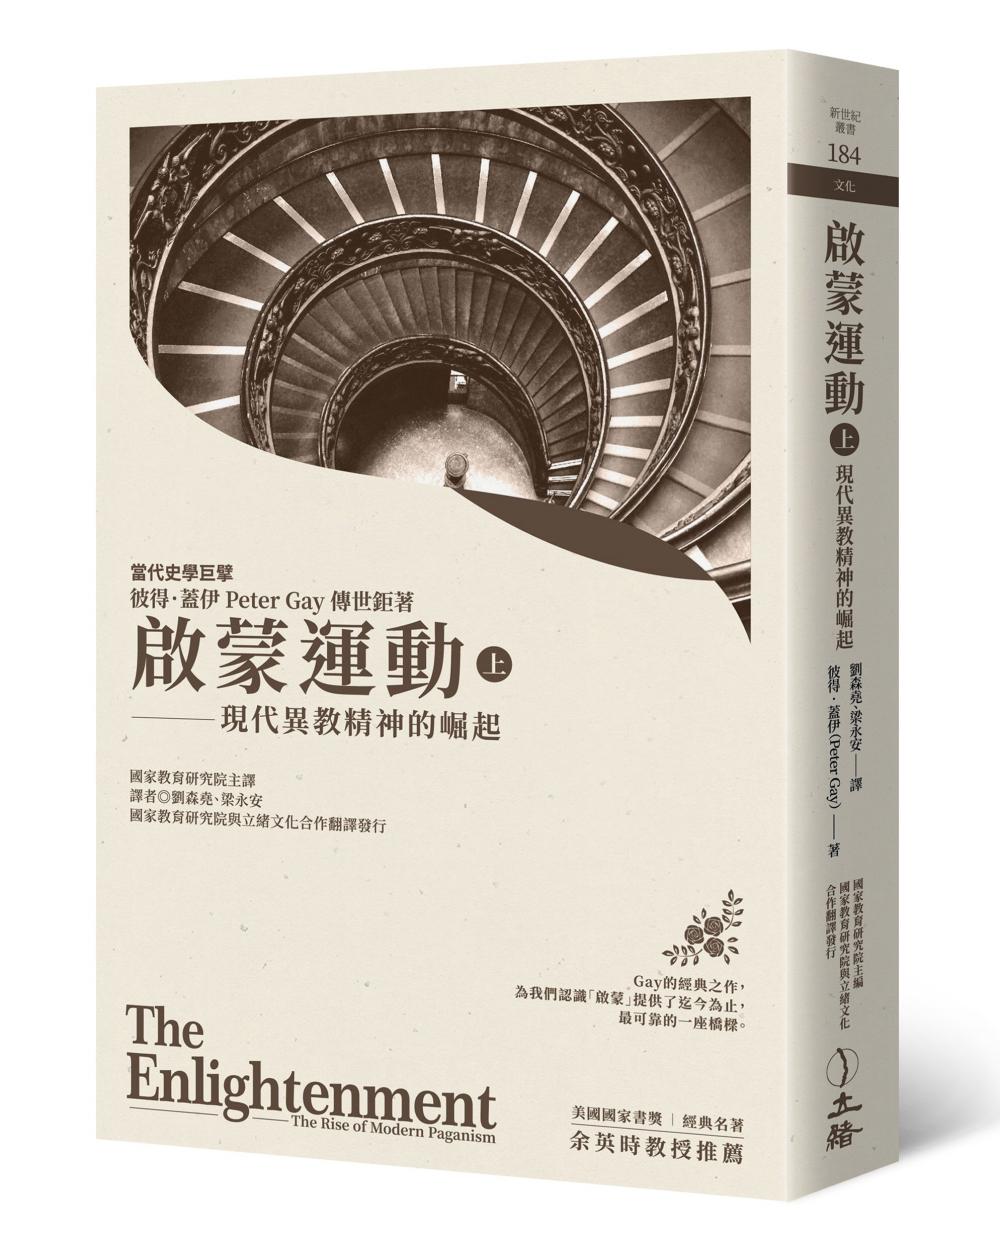 啟蒙運動(上):現代異教精神的崛起(2019年版)